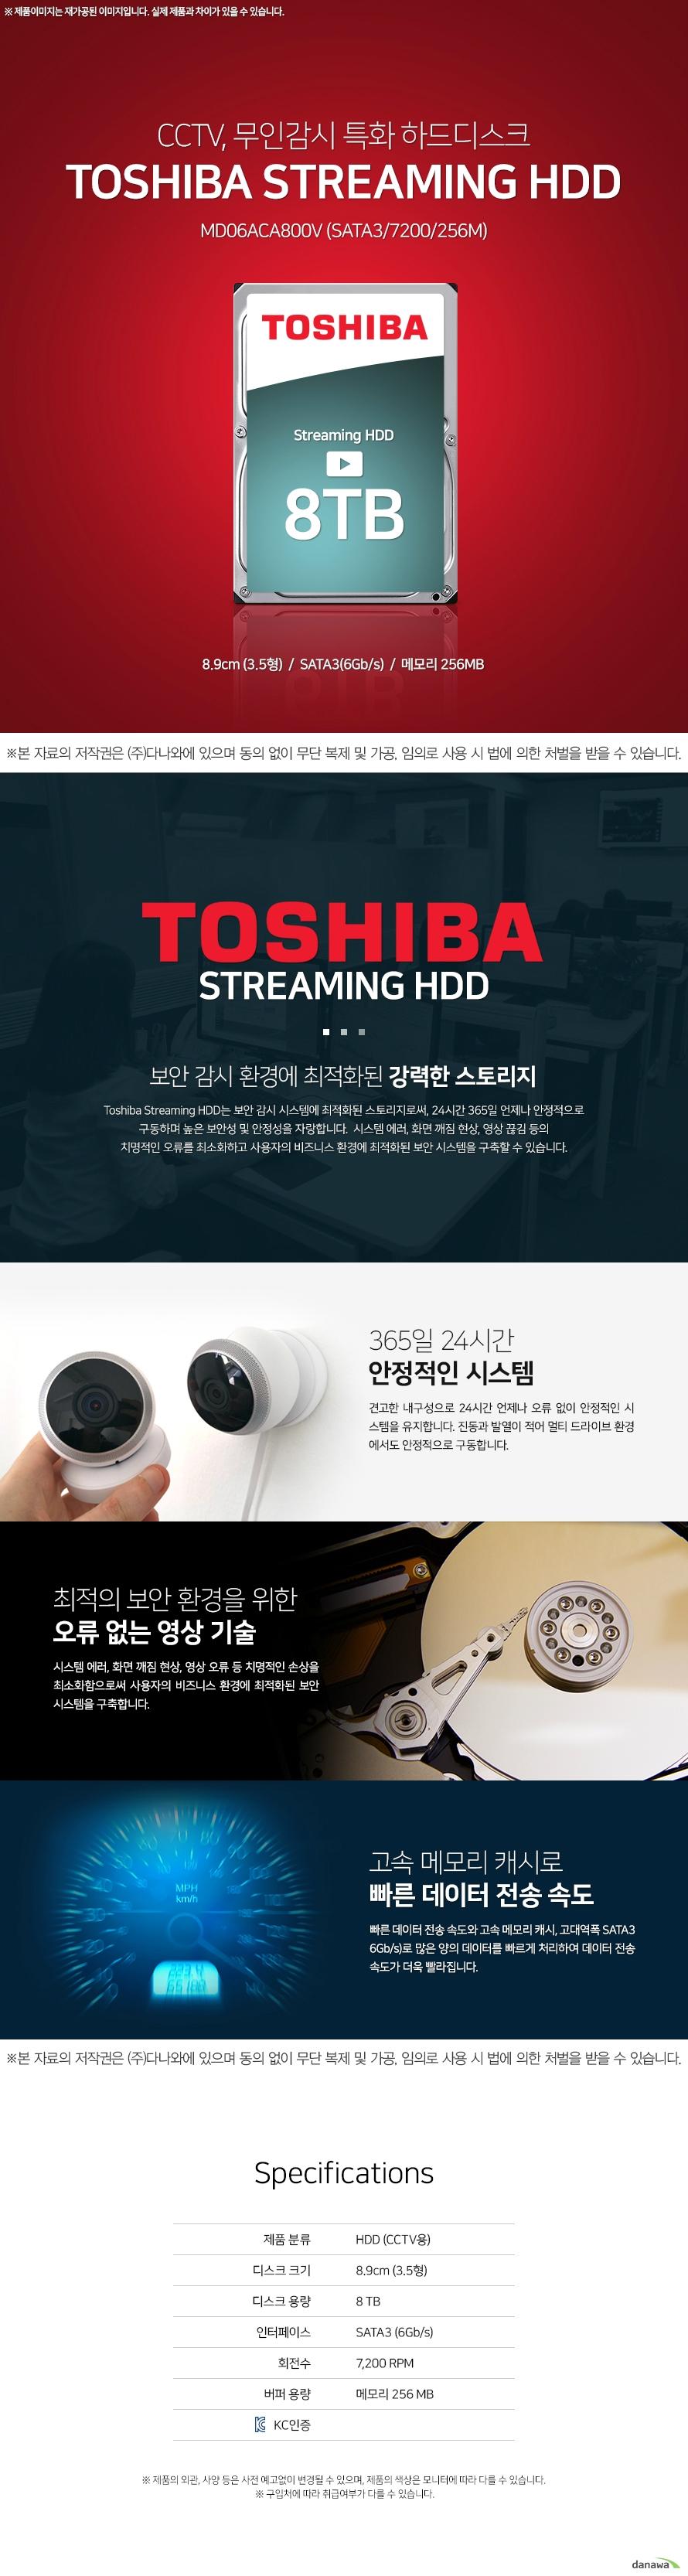 Toshiba 8TB MD06ACA800V (SATA37200256M)  보안 감시 환경에 최적화된 강력한 스토리지 Toshiba Streaming HDD는 보안 감시 시스템에 최적화된 스토리지로써, 24시간 365일 언제나 안정적으로  구동하며 높은 보안성 및 안정성을 자랑합니다.  시스템 에러, 화면 깨짐 현상, 영상 끊김 등의  치명적인 오류를 최소화하고 사용자의 비즈니스 환경에 최적화된 보안 시스템을 구축할 수 있습니다.   365일 24시간 안정적인 시스템 견고한 내구성으로 24시간 언제나 오류 없이 안정적인 시 스템을 유지합니다. 진동과 발열이 적어 멀티 드라이브 환경 에서도 안정적으로 구동합니다.  최적의 보안 환경을 위한 오류 없는 영상 기술 시스템 에러, 화면 깨짐 현상, 영상 오류 등 치명적인 손상을 최소화함으로써 사용자의 비즈니스 환경에 최적화된 보안 시스템을 구축합니다.  고속 메모리 캐시로 빠른 데이터 전송 속도 빠른 데이터 전송 속도와 고속 메모리 캐시, 고대역폭 SATA3 6Gb/s)로 많은 양의 데이터를 빠르게 처리하여 데이터 전송 속도가 더욱 빨라집니다.    HDD (CCTV용) 8.9cm (3.5형) 8 TB SATA3 (6Gb/s) 7,200 RPM 메모리 256 MB